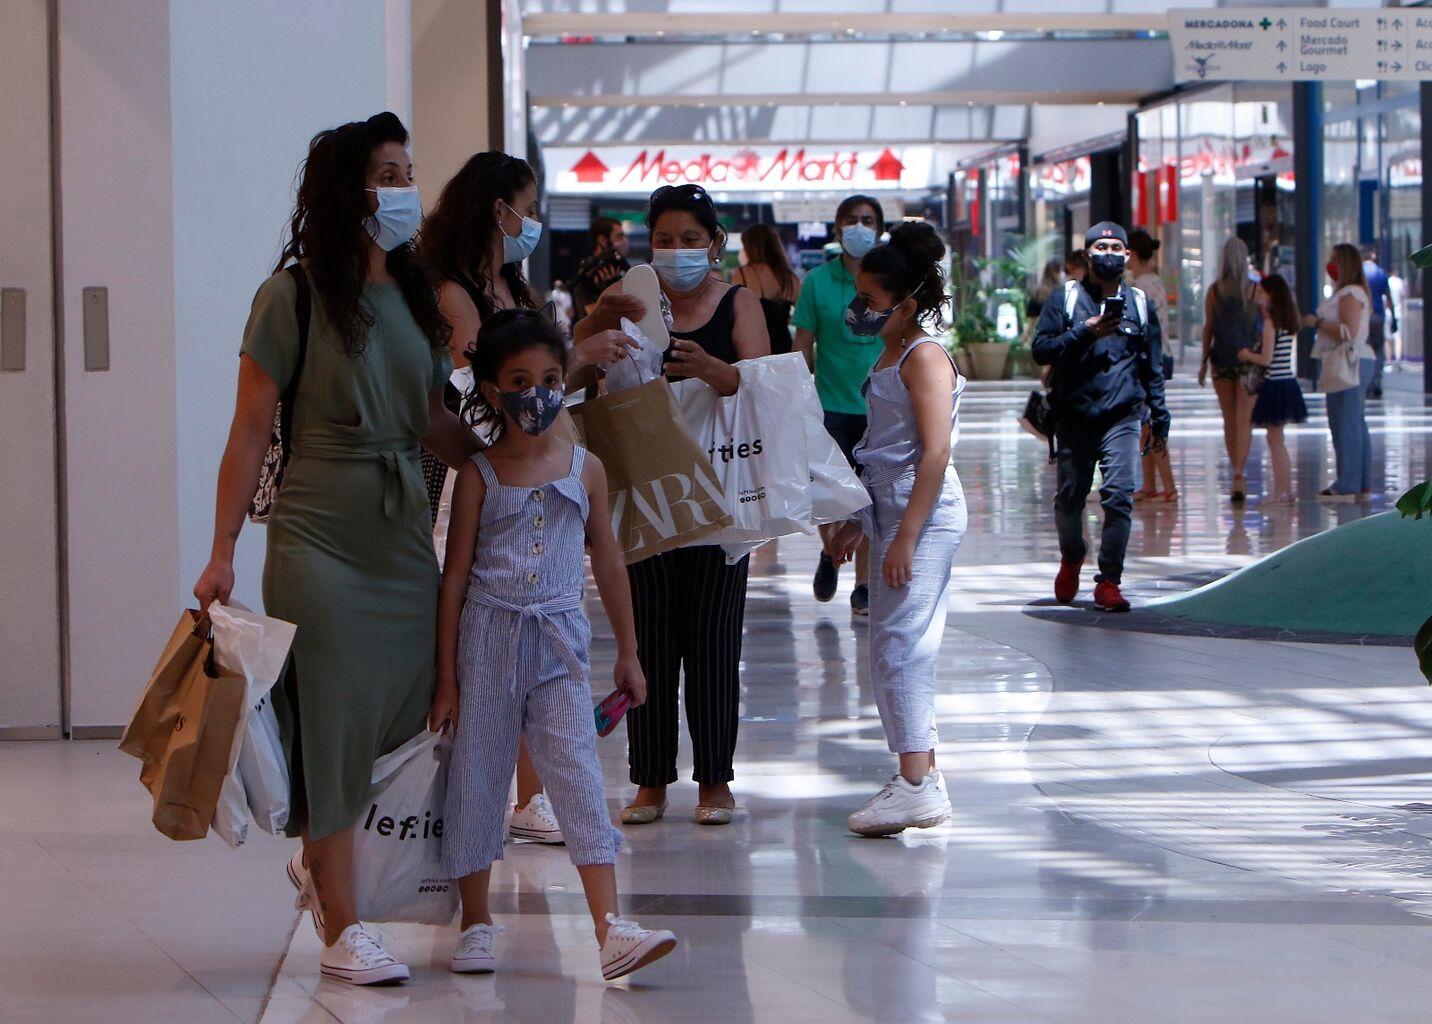 Lagoh, el mayor centro comercial de Sevilla, reabre con el 80% de sus tiendas operativas